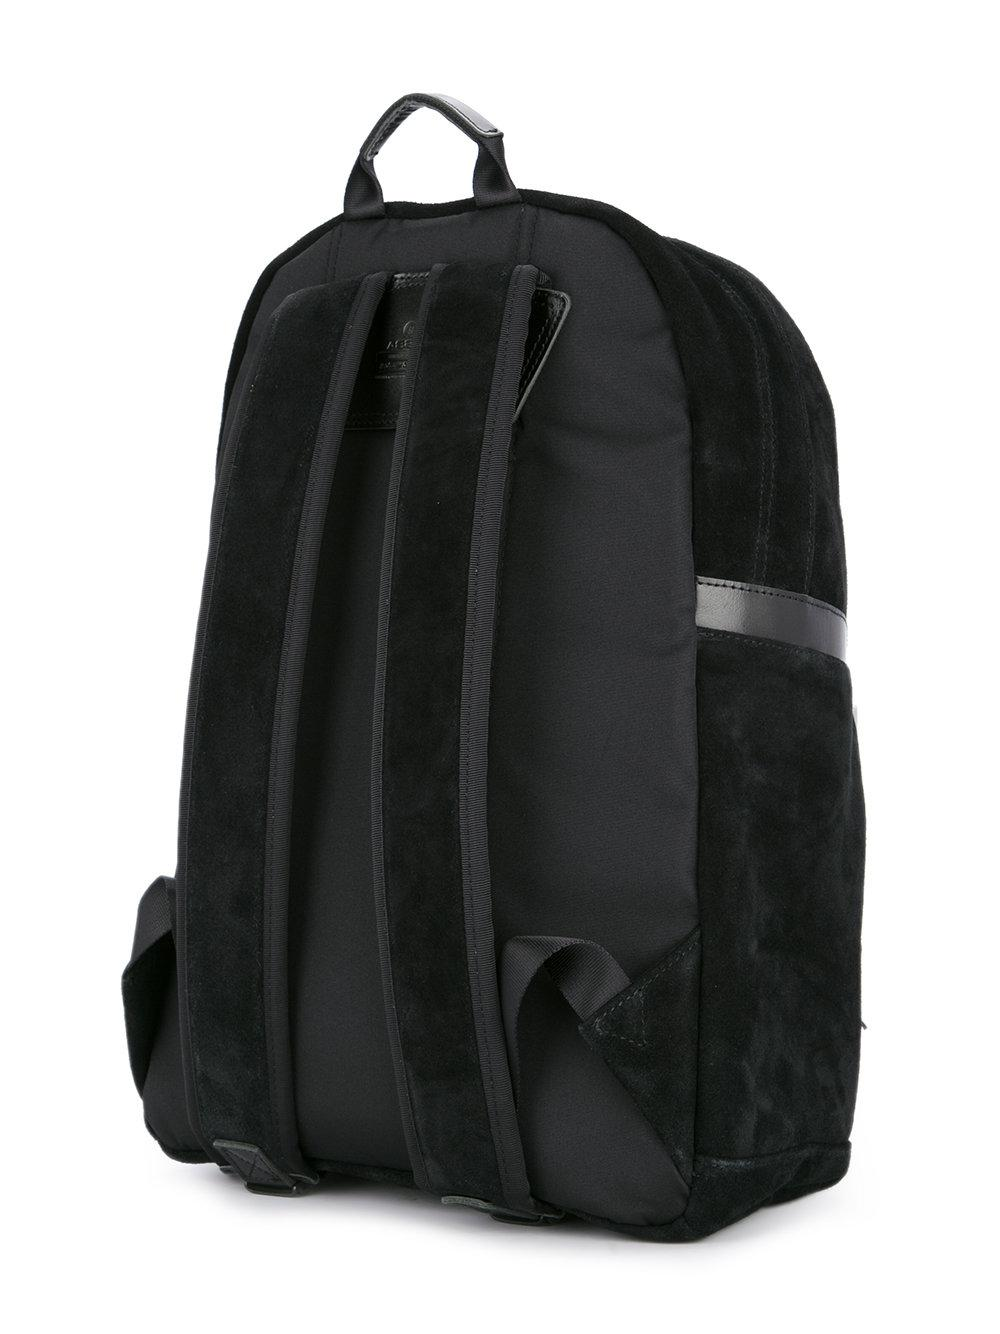 AS2OV Suede Waterproof Backpack in Black for Men